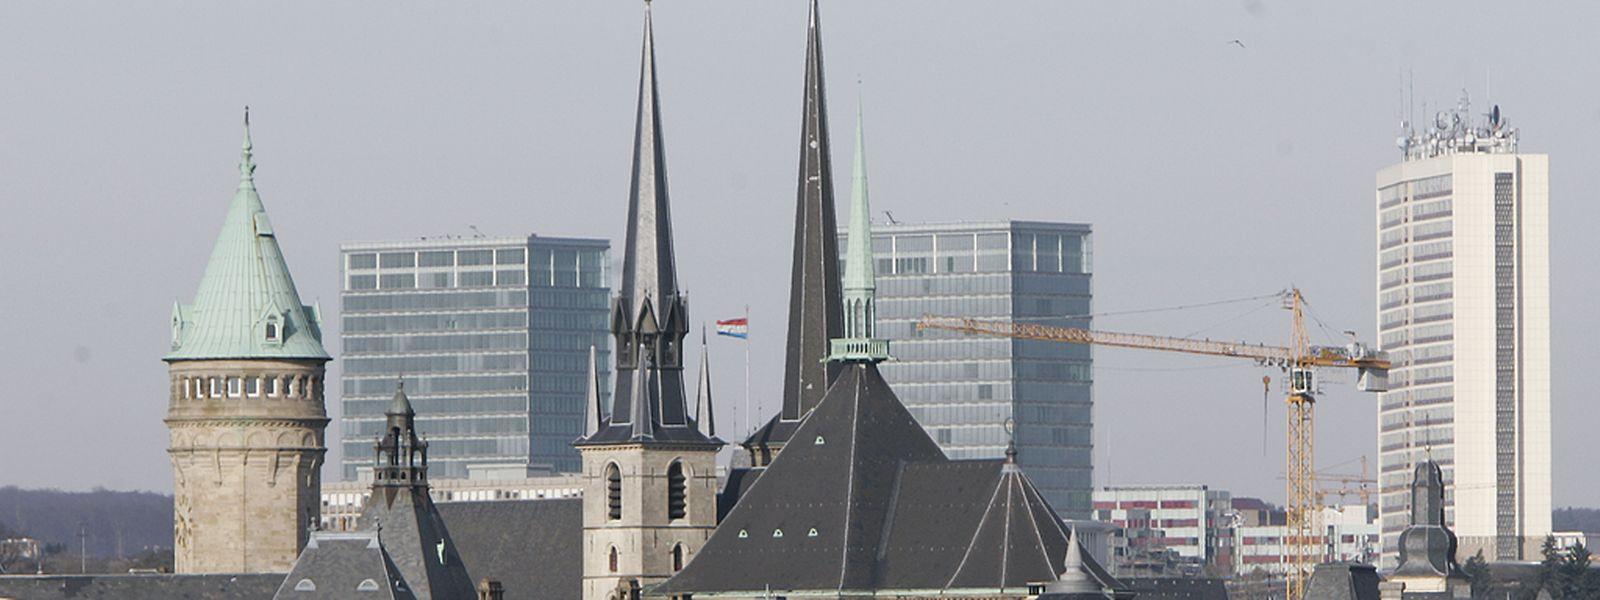 """Das Großherzogtum rangiert im Bericht """"Doing Business 2015"""" auf dem 59. von insgesamt 189 Plätzen."""